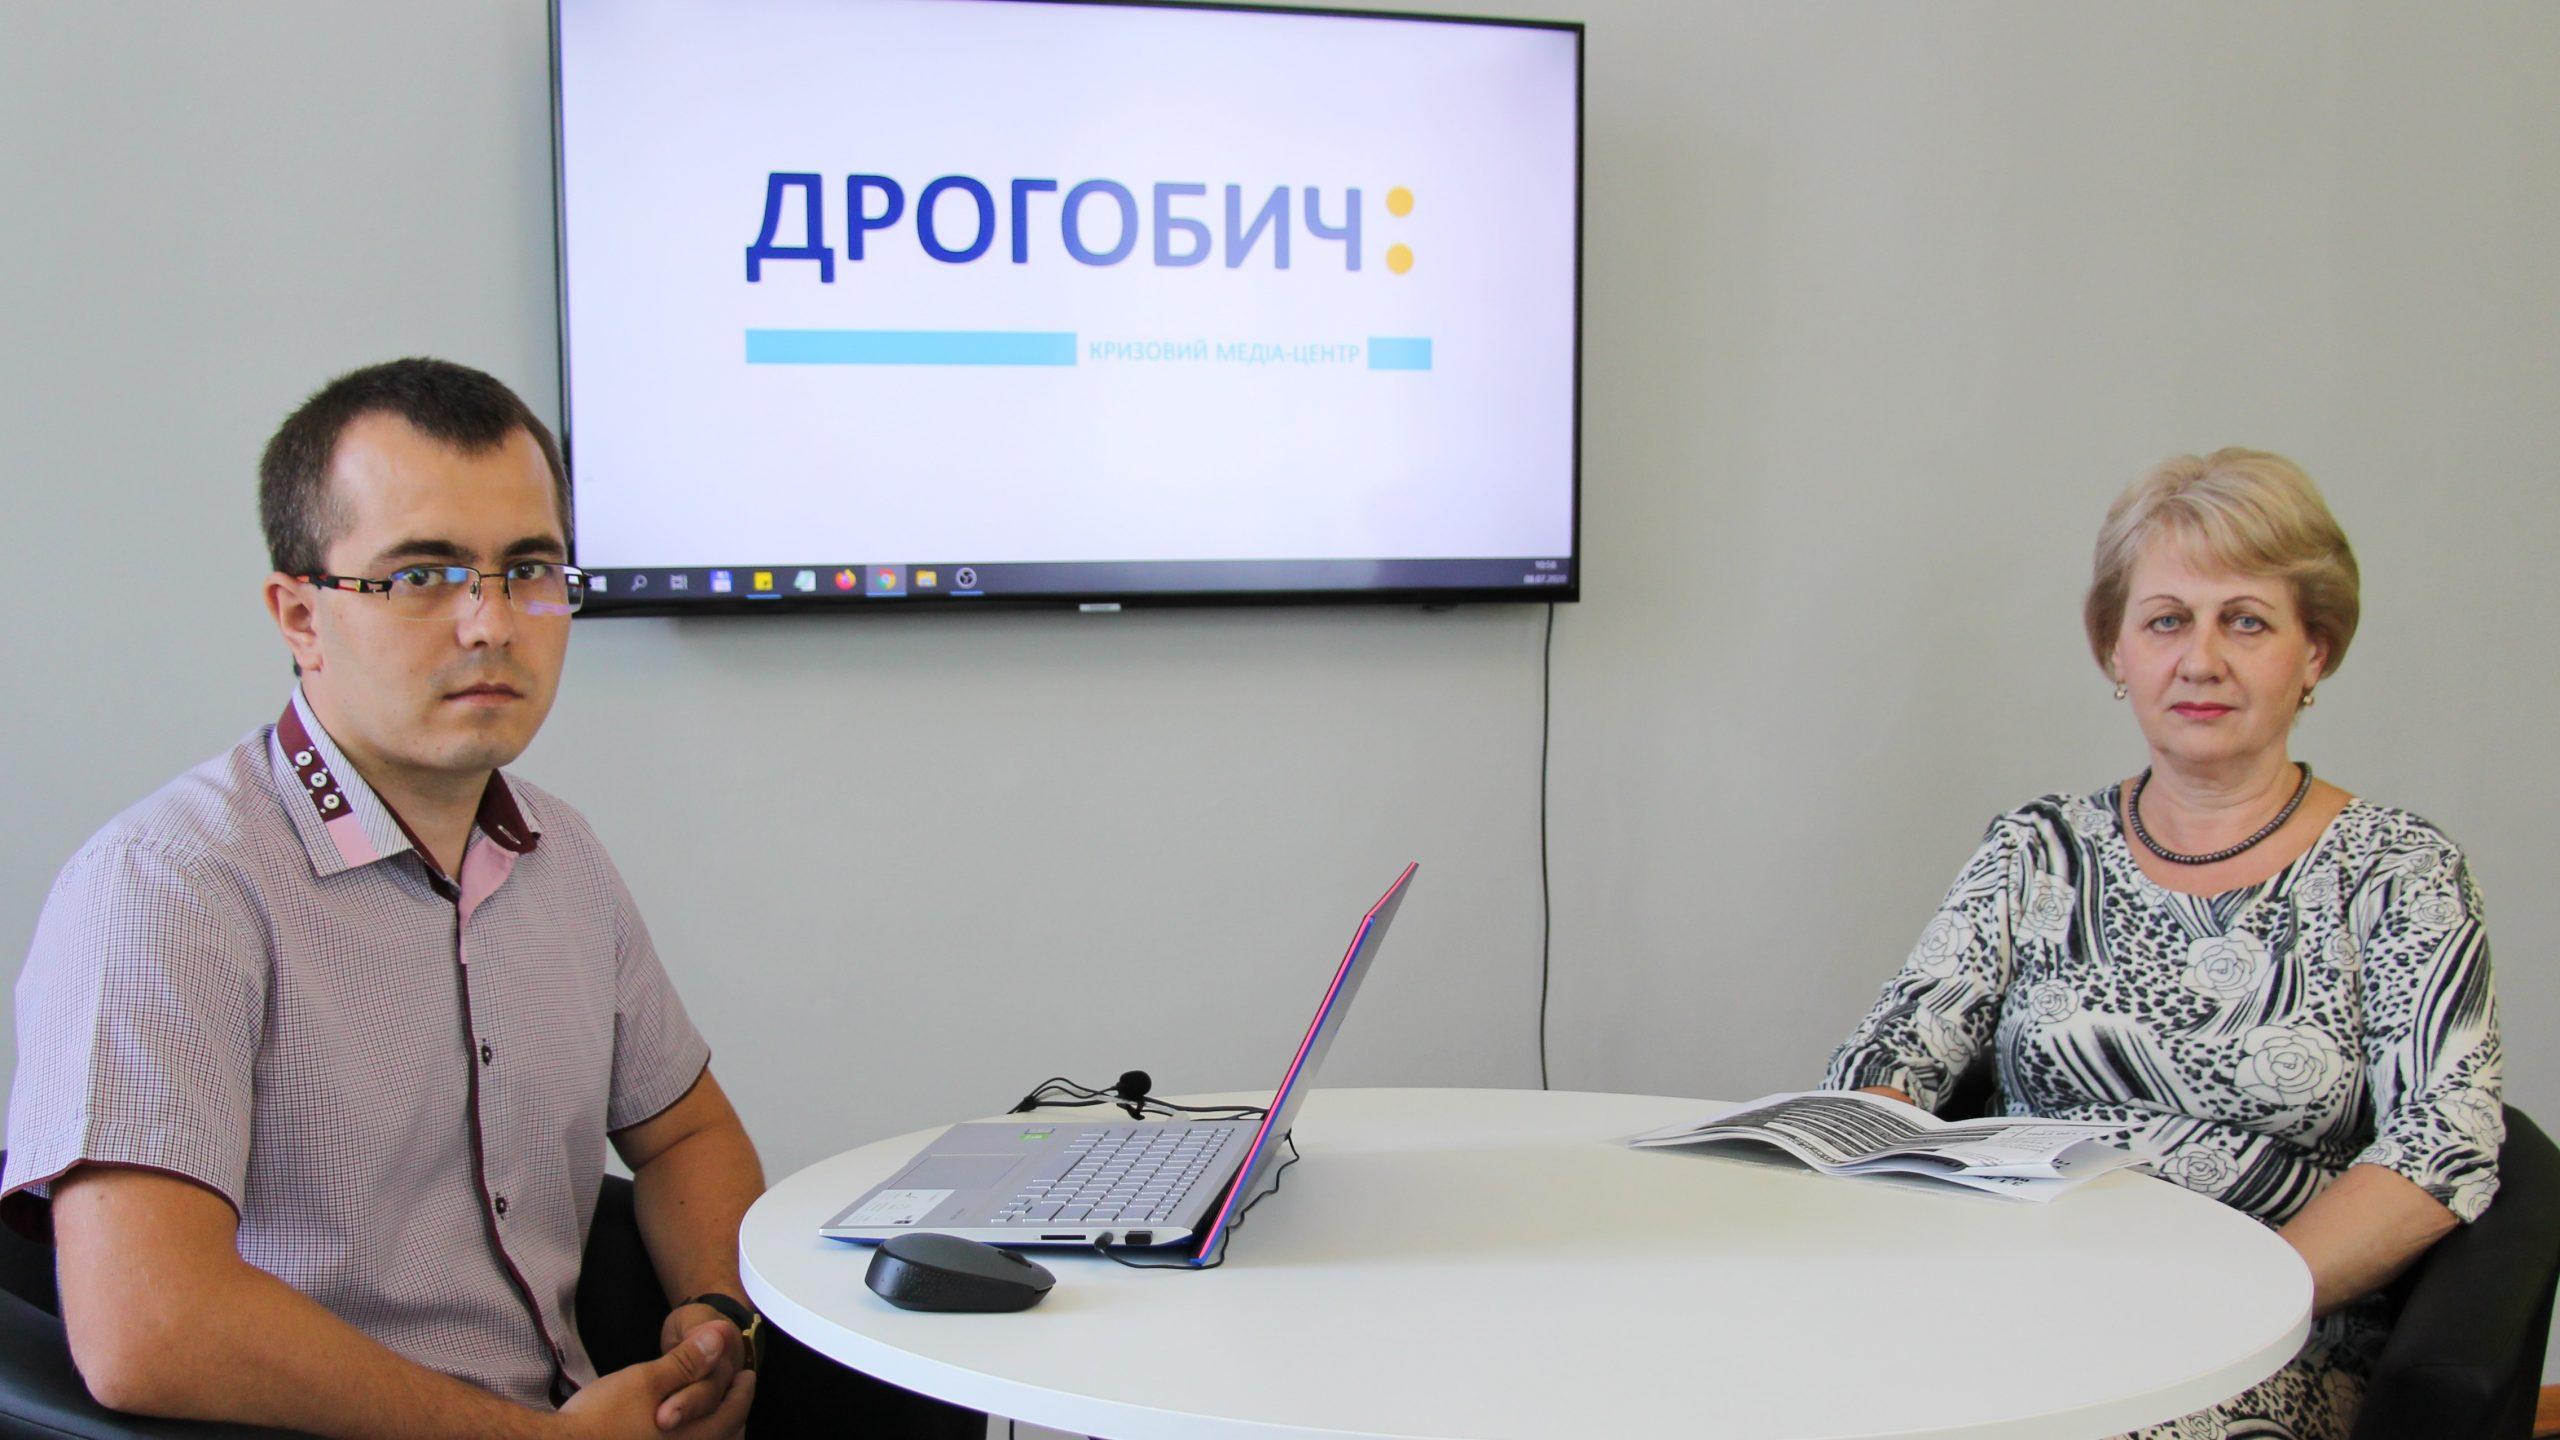 КМЦ «Дрогобич:». Зміни у пенсійному законодавстві з 1 липня